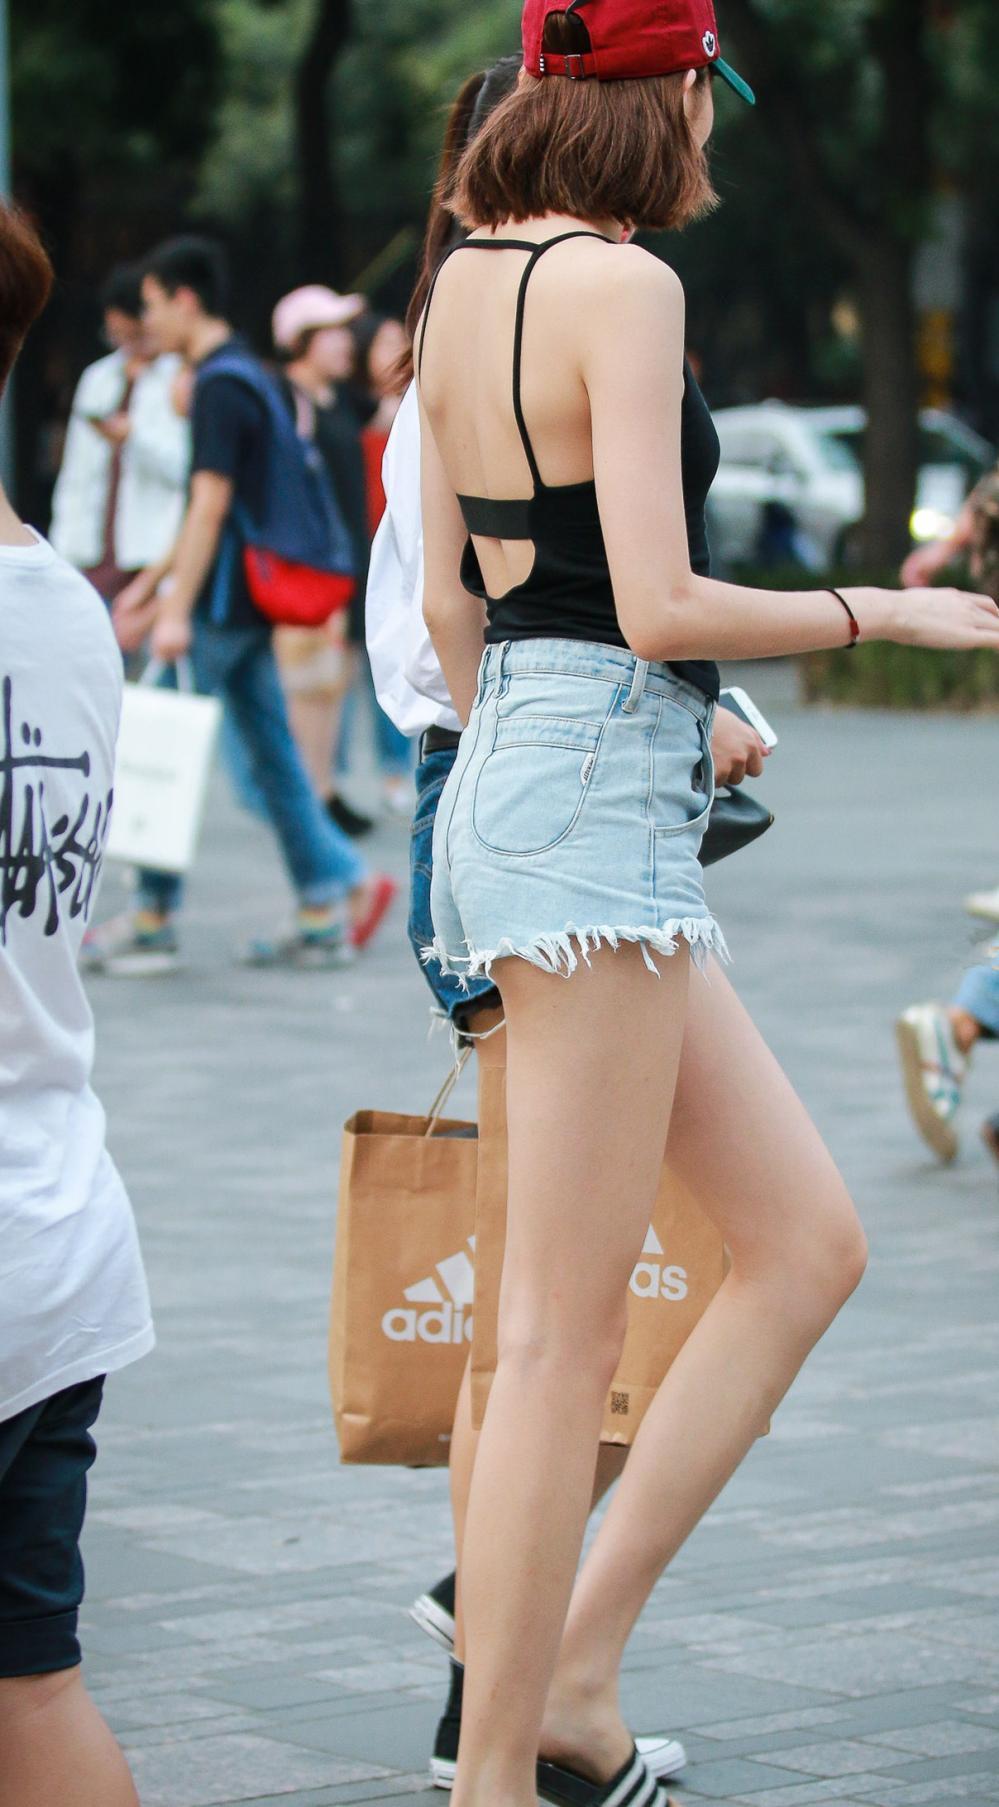 挂脖式露背上衣搭配超短裤的黄花大闺女, 1米2大长腿晳白美丽 4